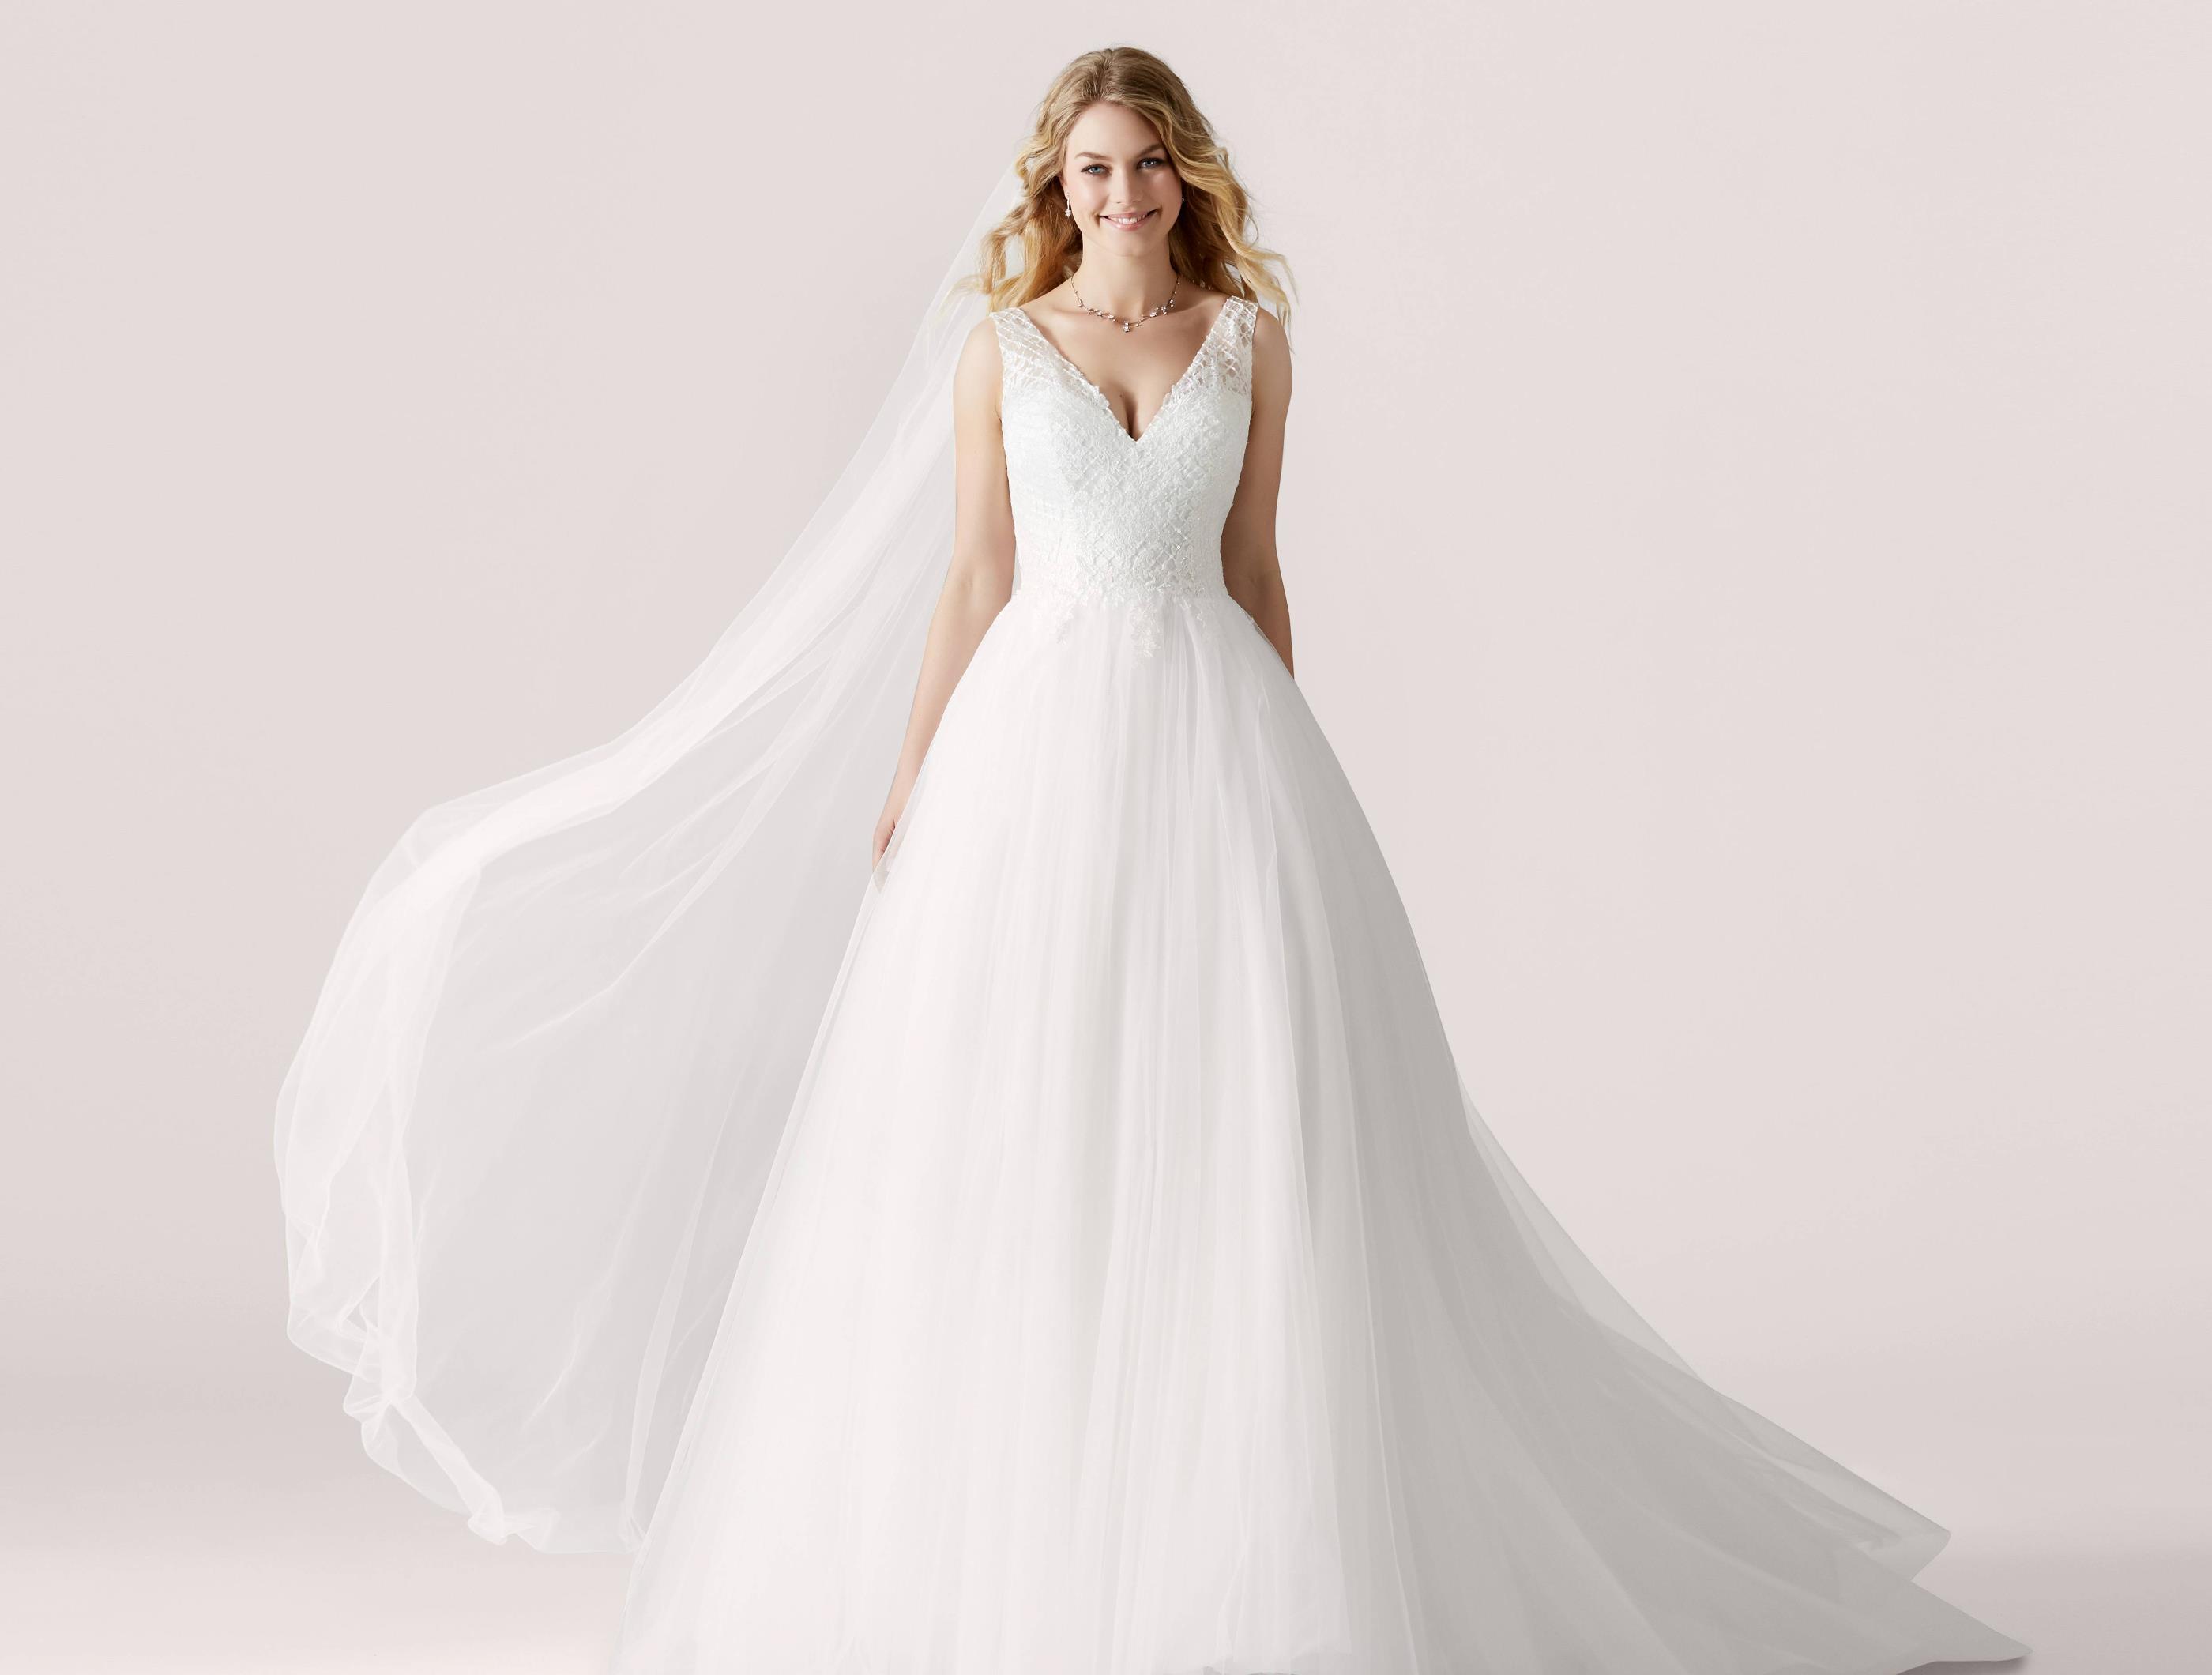 90707f611d08 Brudklänning från Lilly nr 08-3921 - JOLIE BRIDAL